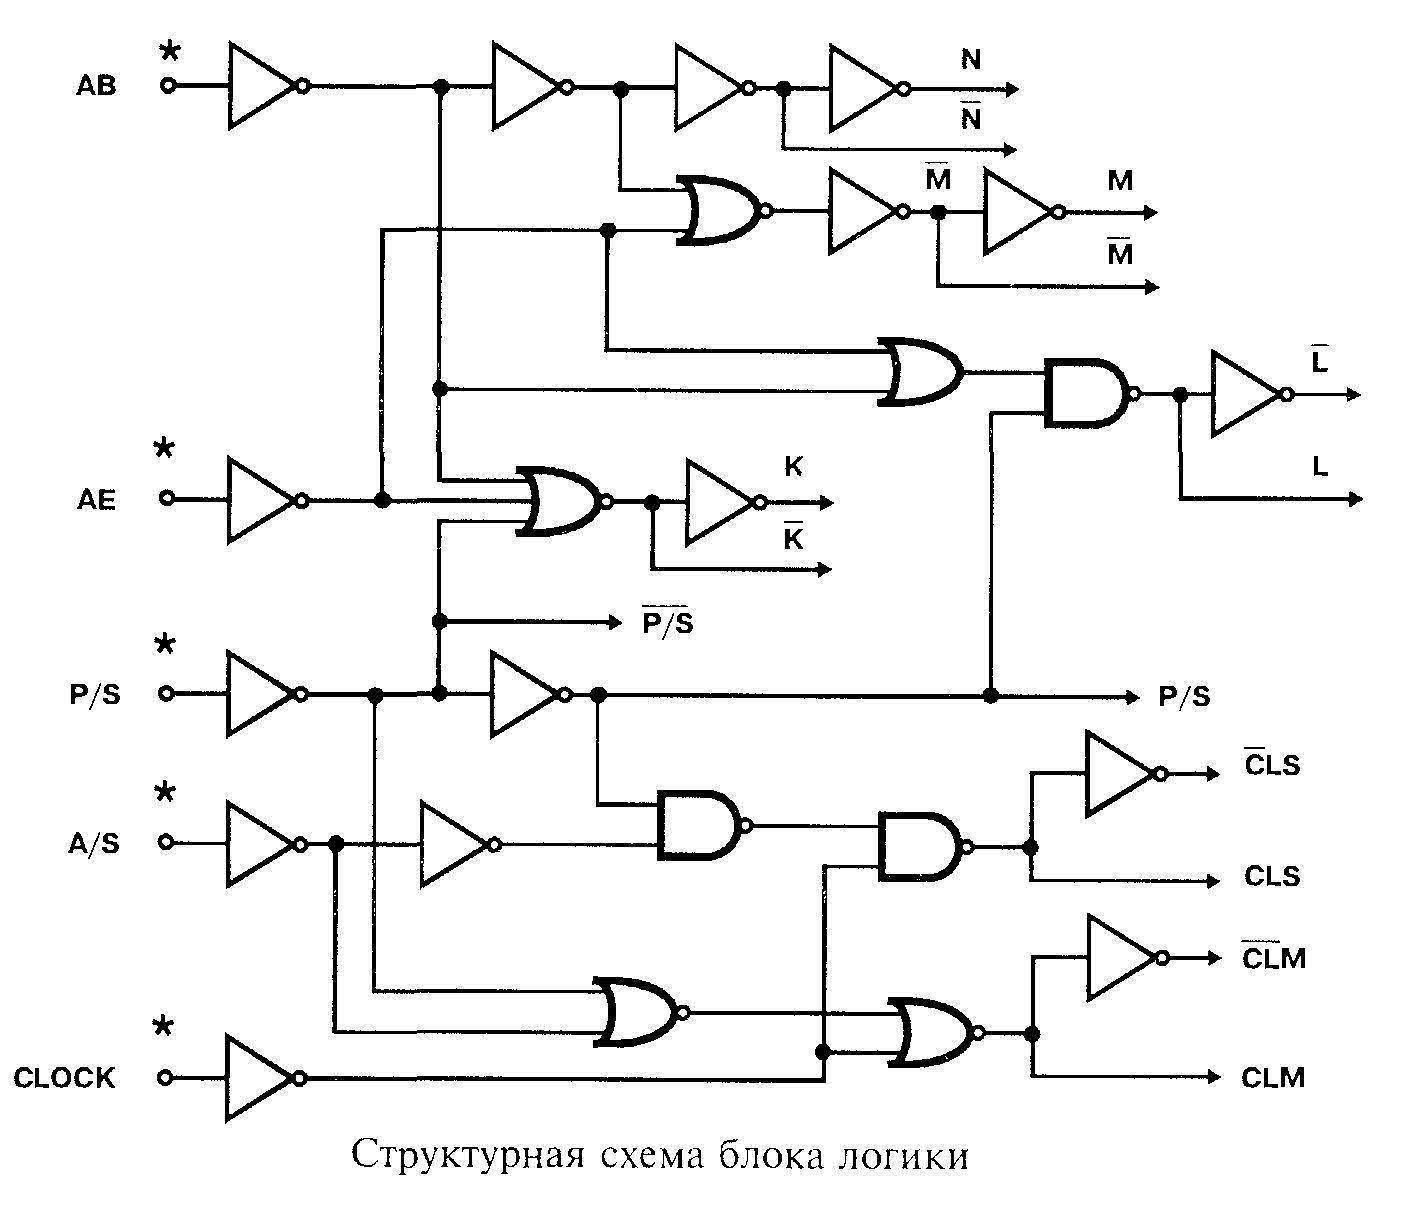 Микросхема 4034 - структурная схема блока логики